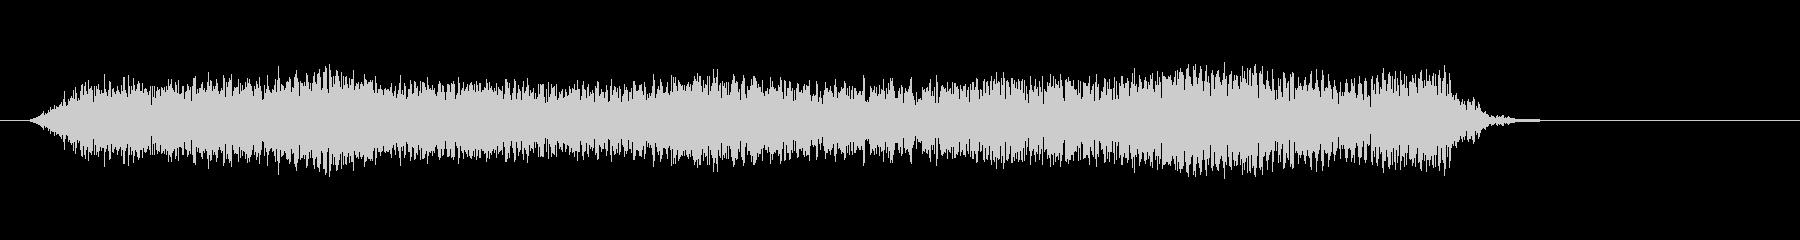 2「暗い、響く恐怖音」ゴーーォォオオーンの未再生の波形